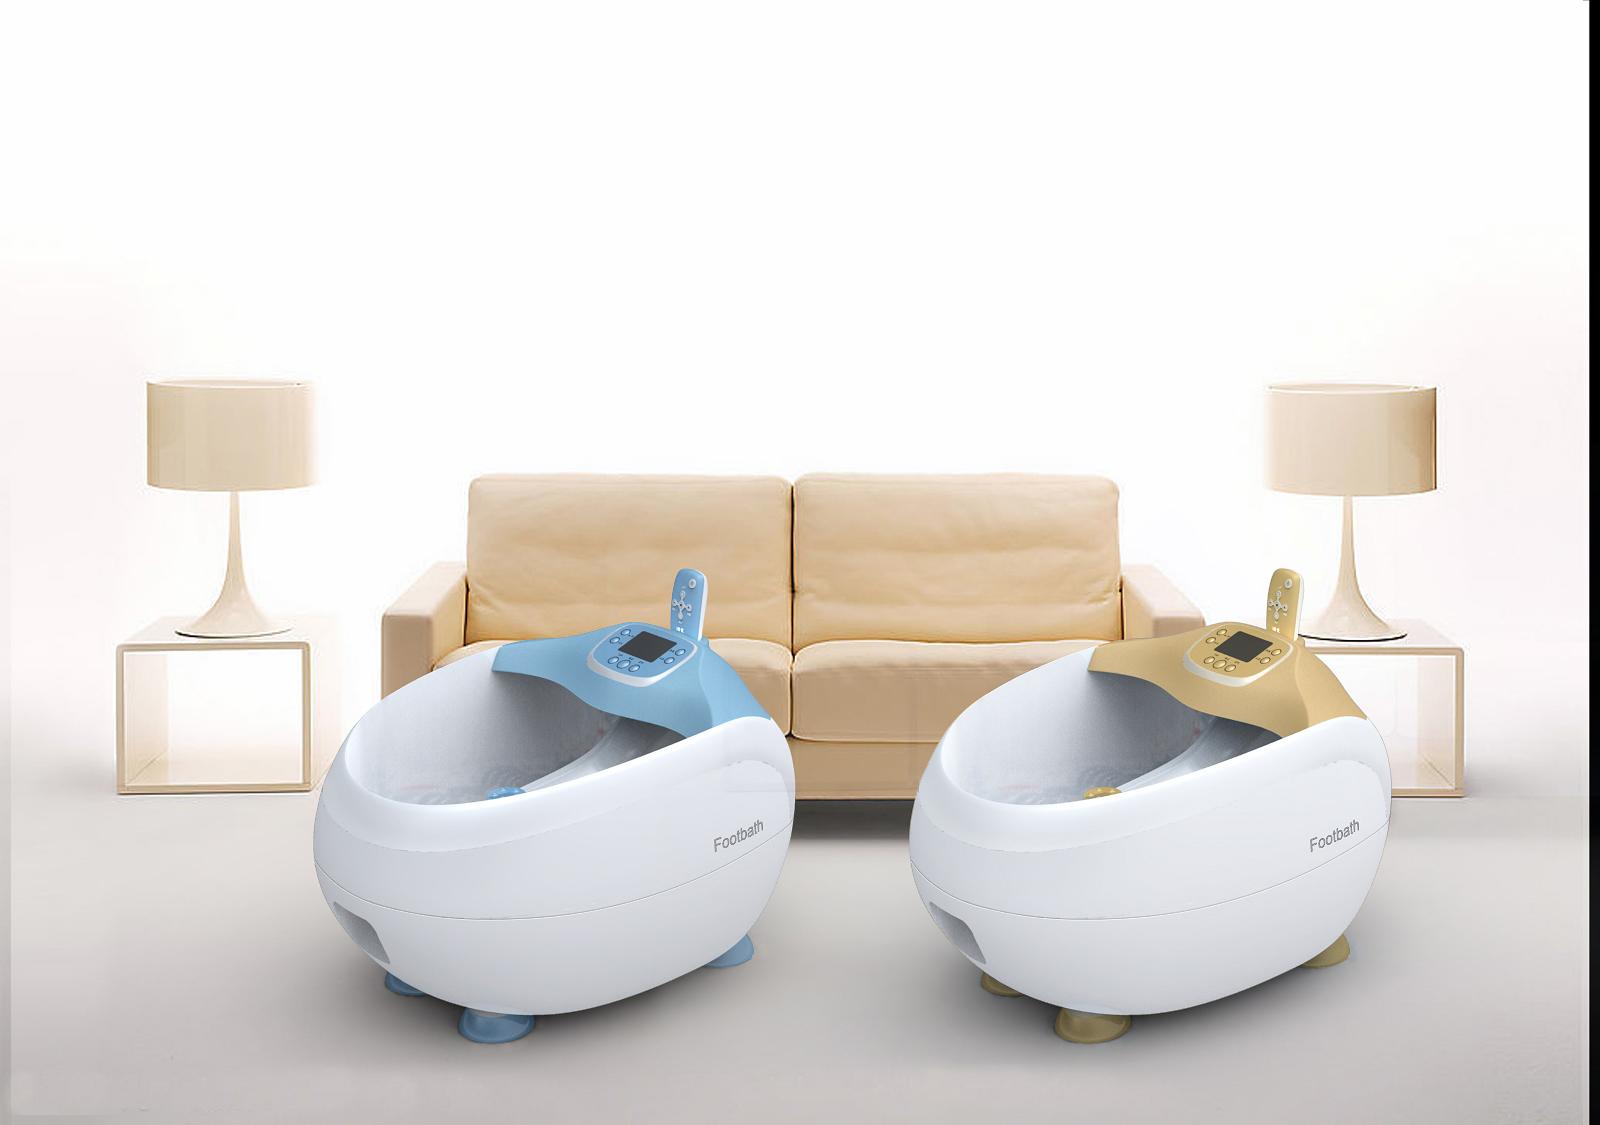 数码足浴盆_产品设计-来设计